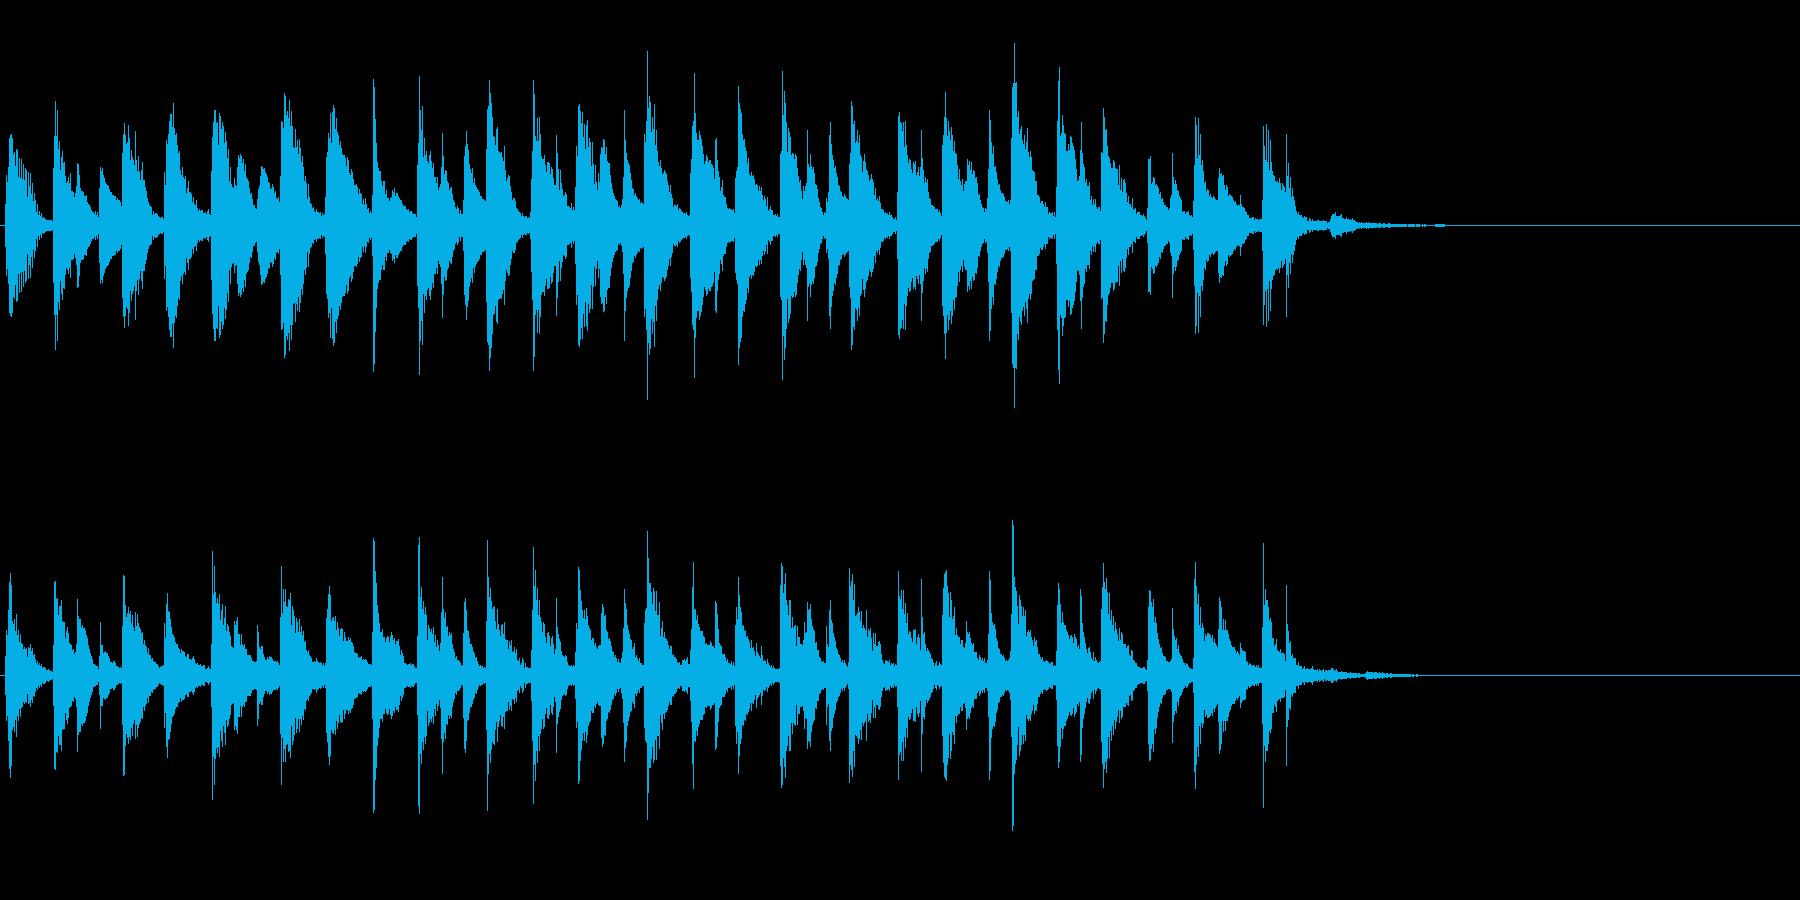 ラテンピアノのジングル、アイキャッチ等にの再生済みの波形